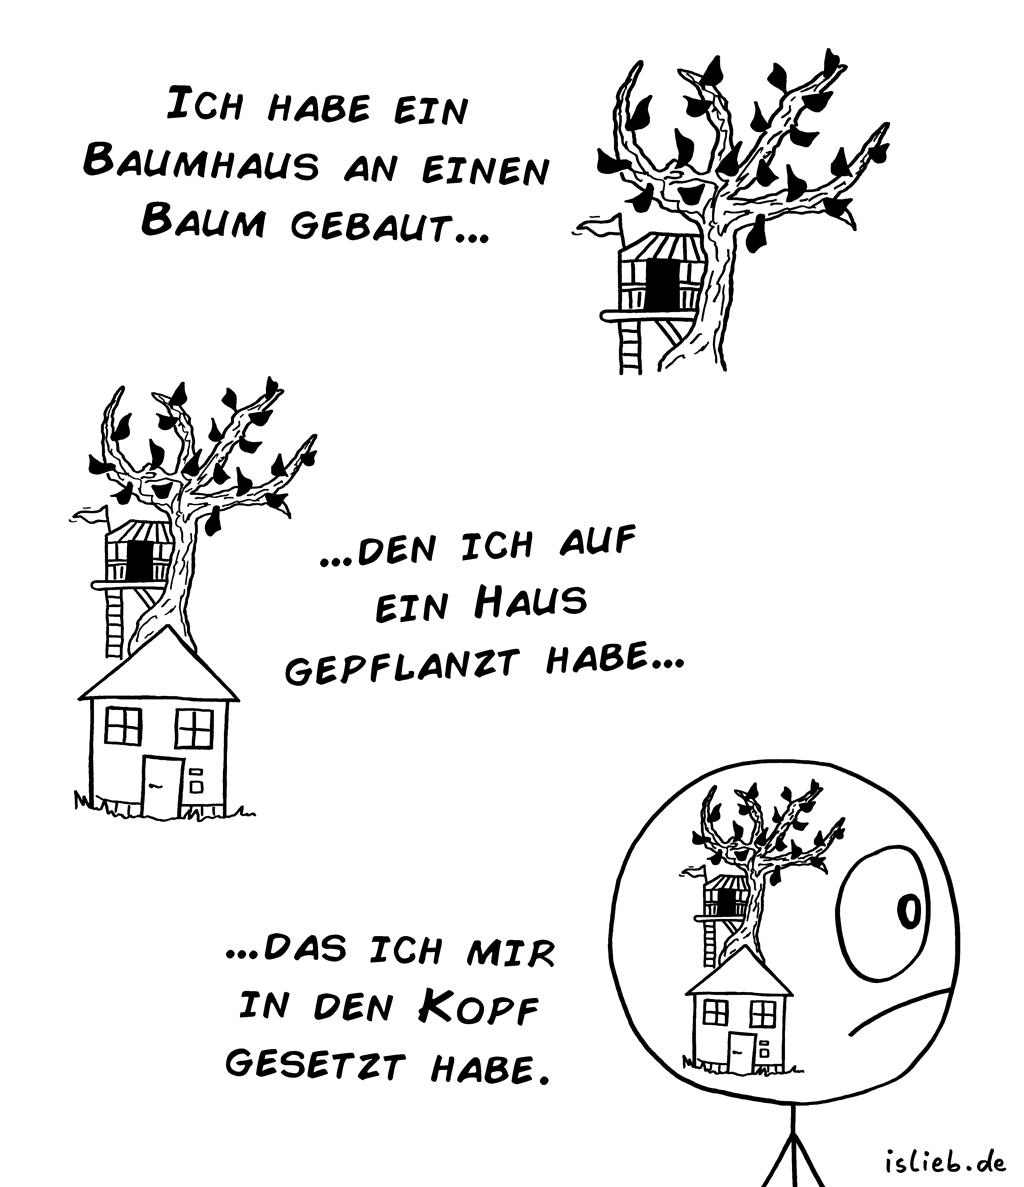 Baumhaus | Psycho-Cartoon | is lieb? | Ich habe ein Baumhaus an einen Baum gebaut, den ich auf ein Haus gepflanzt habe, das ich mir in den Kopf gesetzt habe. | Psychologie, Borderline, Psychopath, gestört